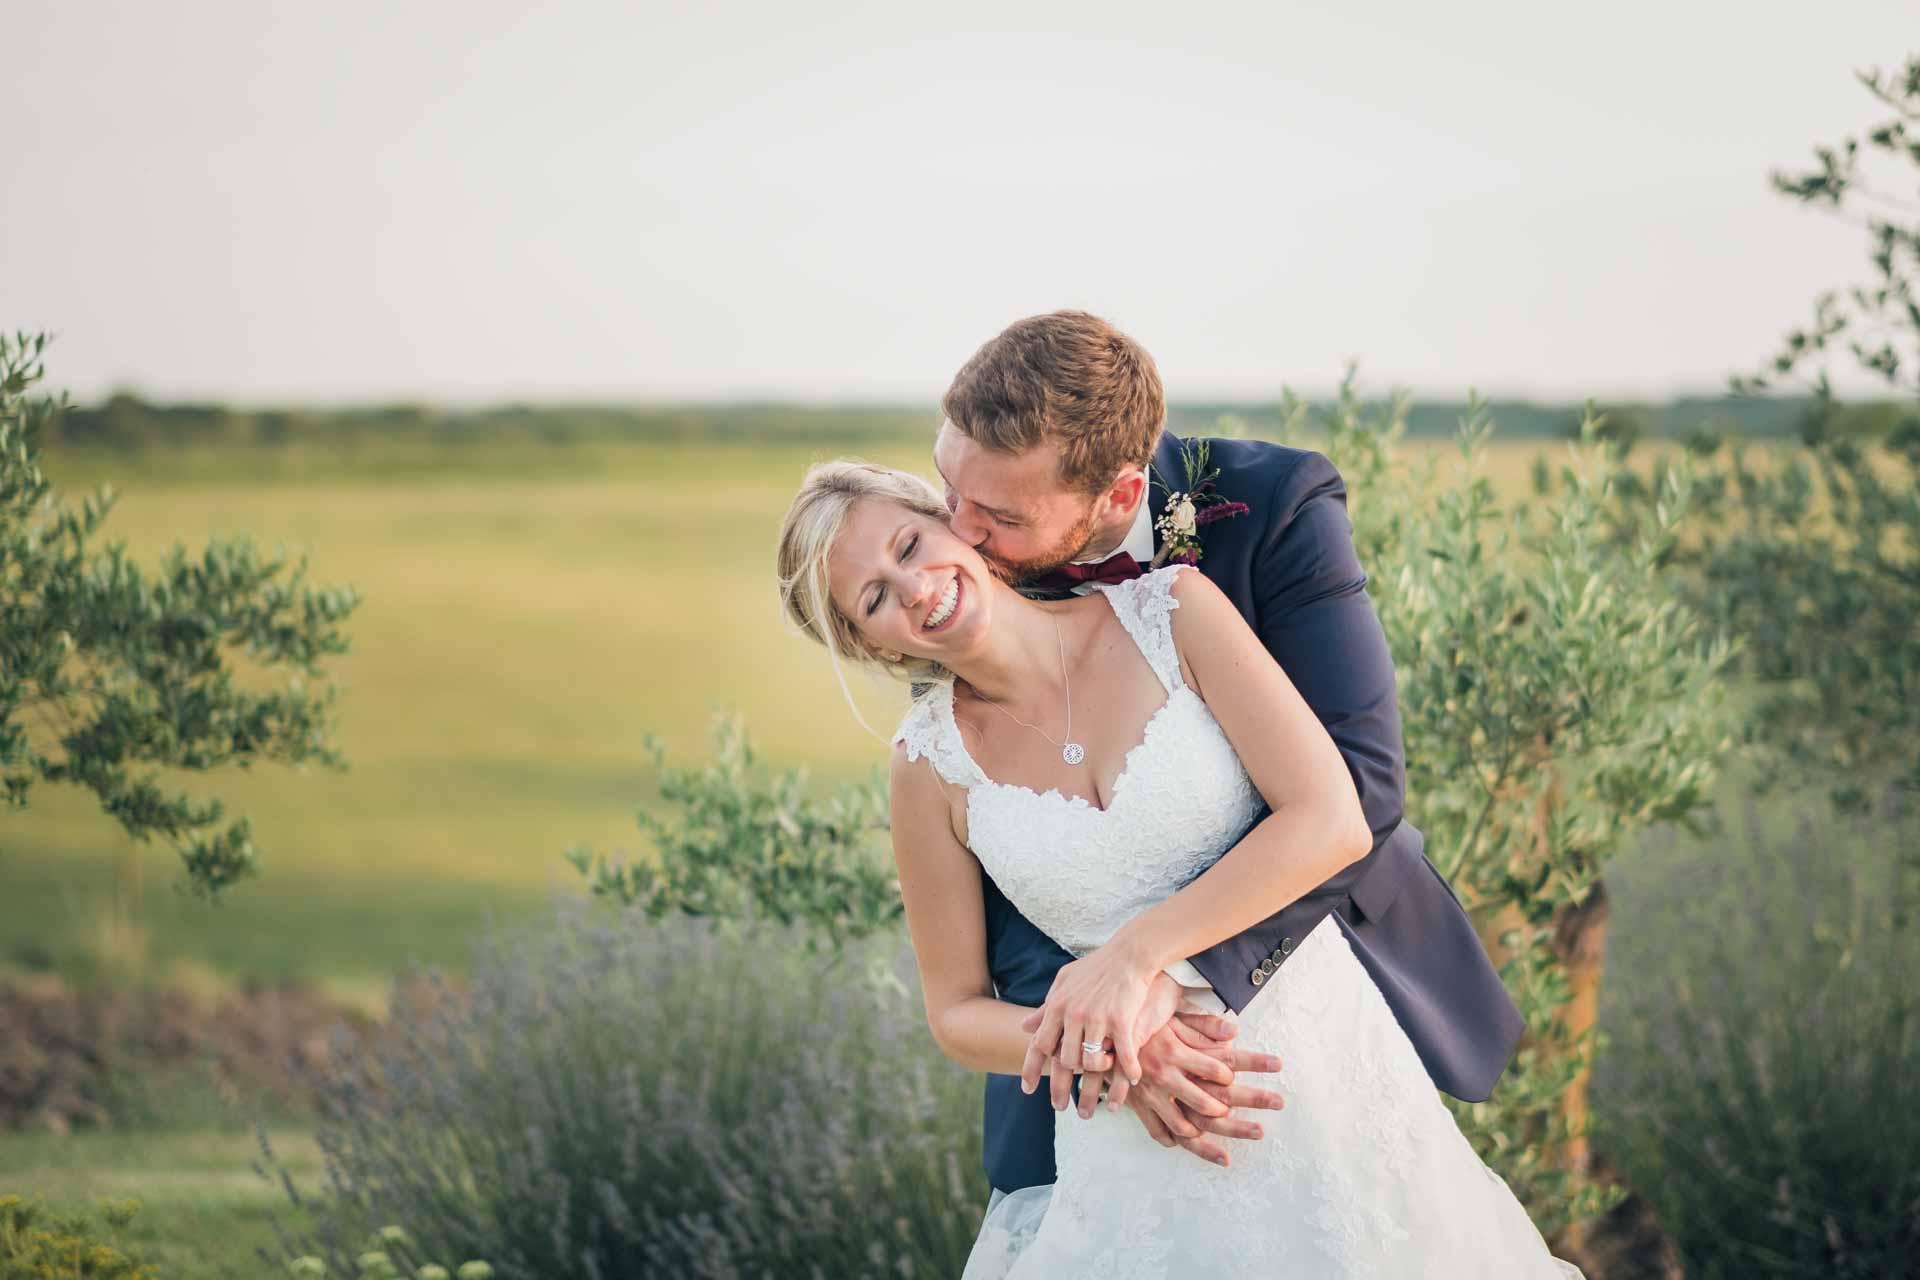 Marié qui embrasse sa femme dans le cou devant des lavandes